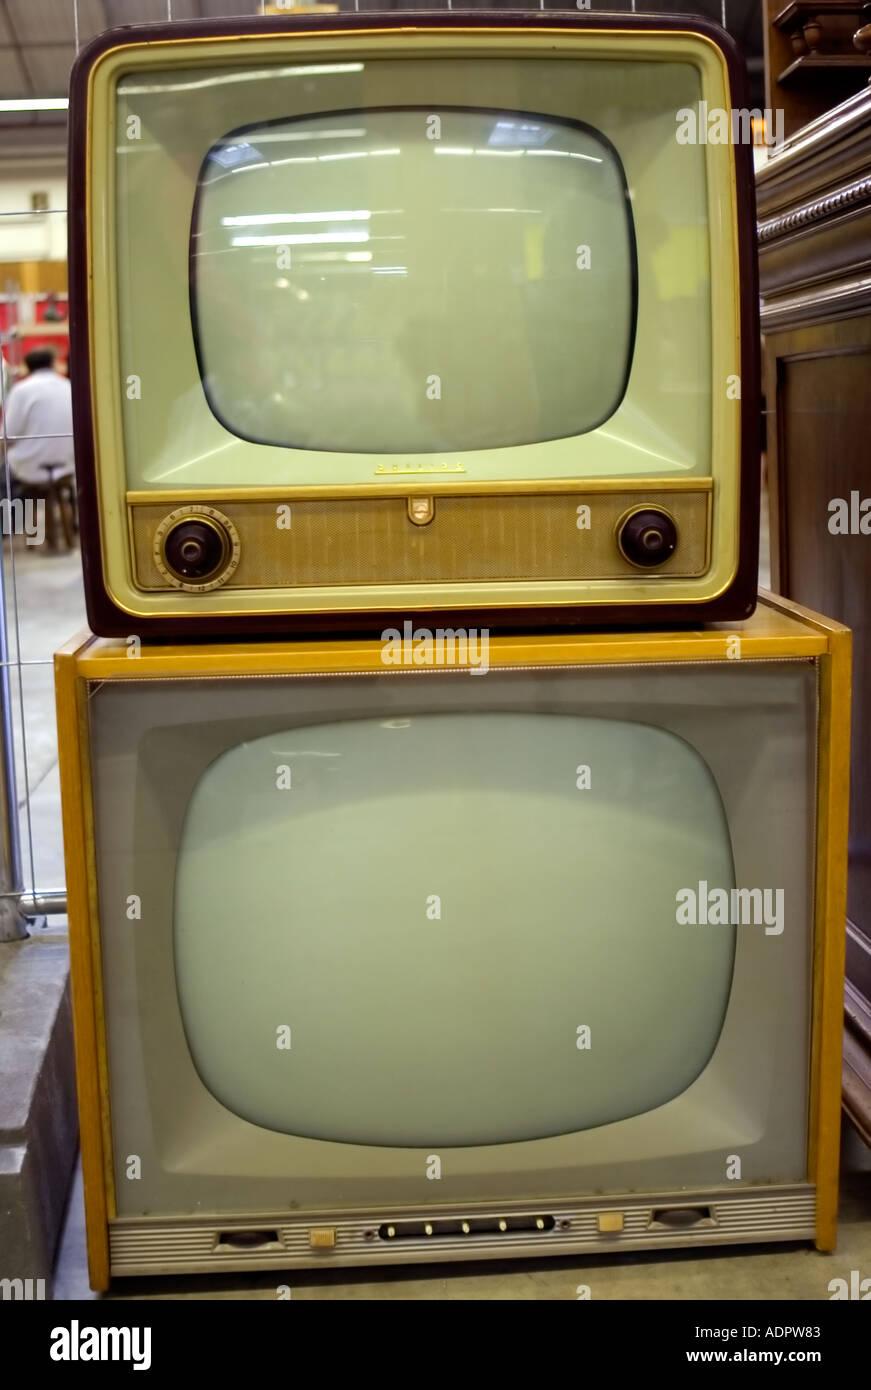 Ancien années 1960, le français 'Télévision' à vendre à 'Brocante' dans 'Paris France' T.V. Les produits anciens 'retro images' Photo Stock